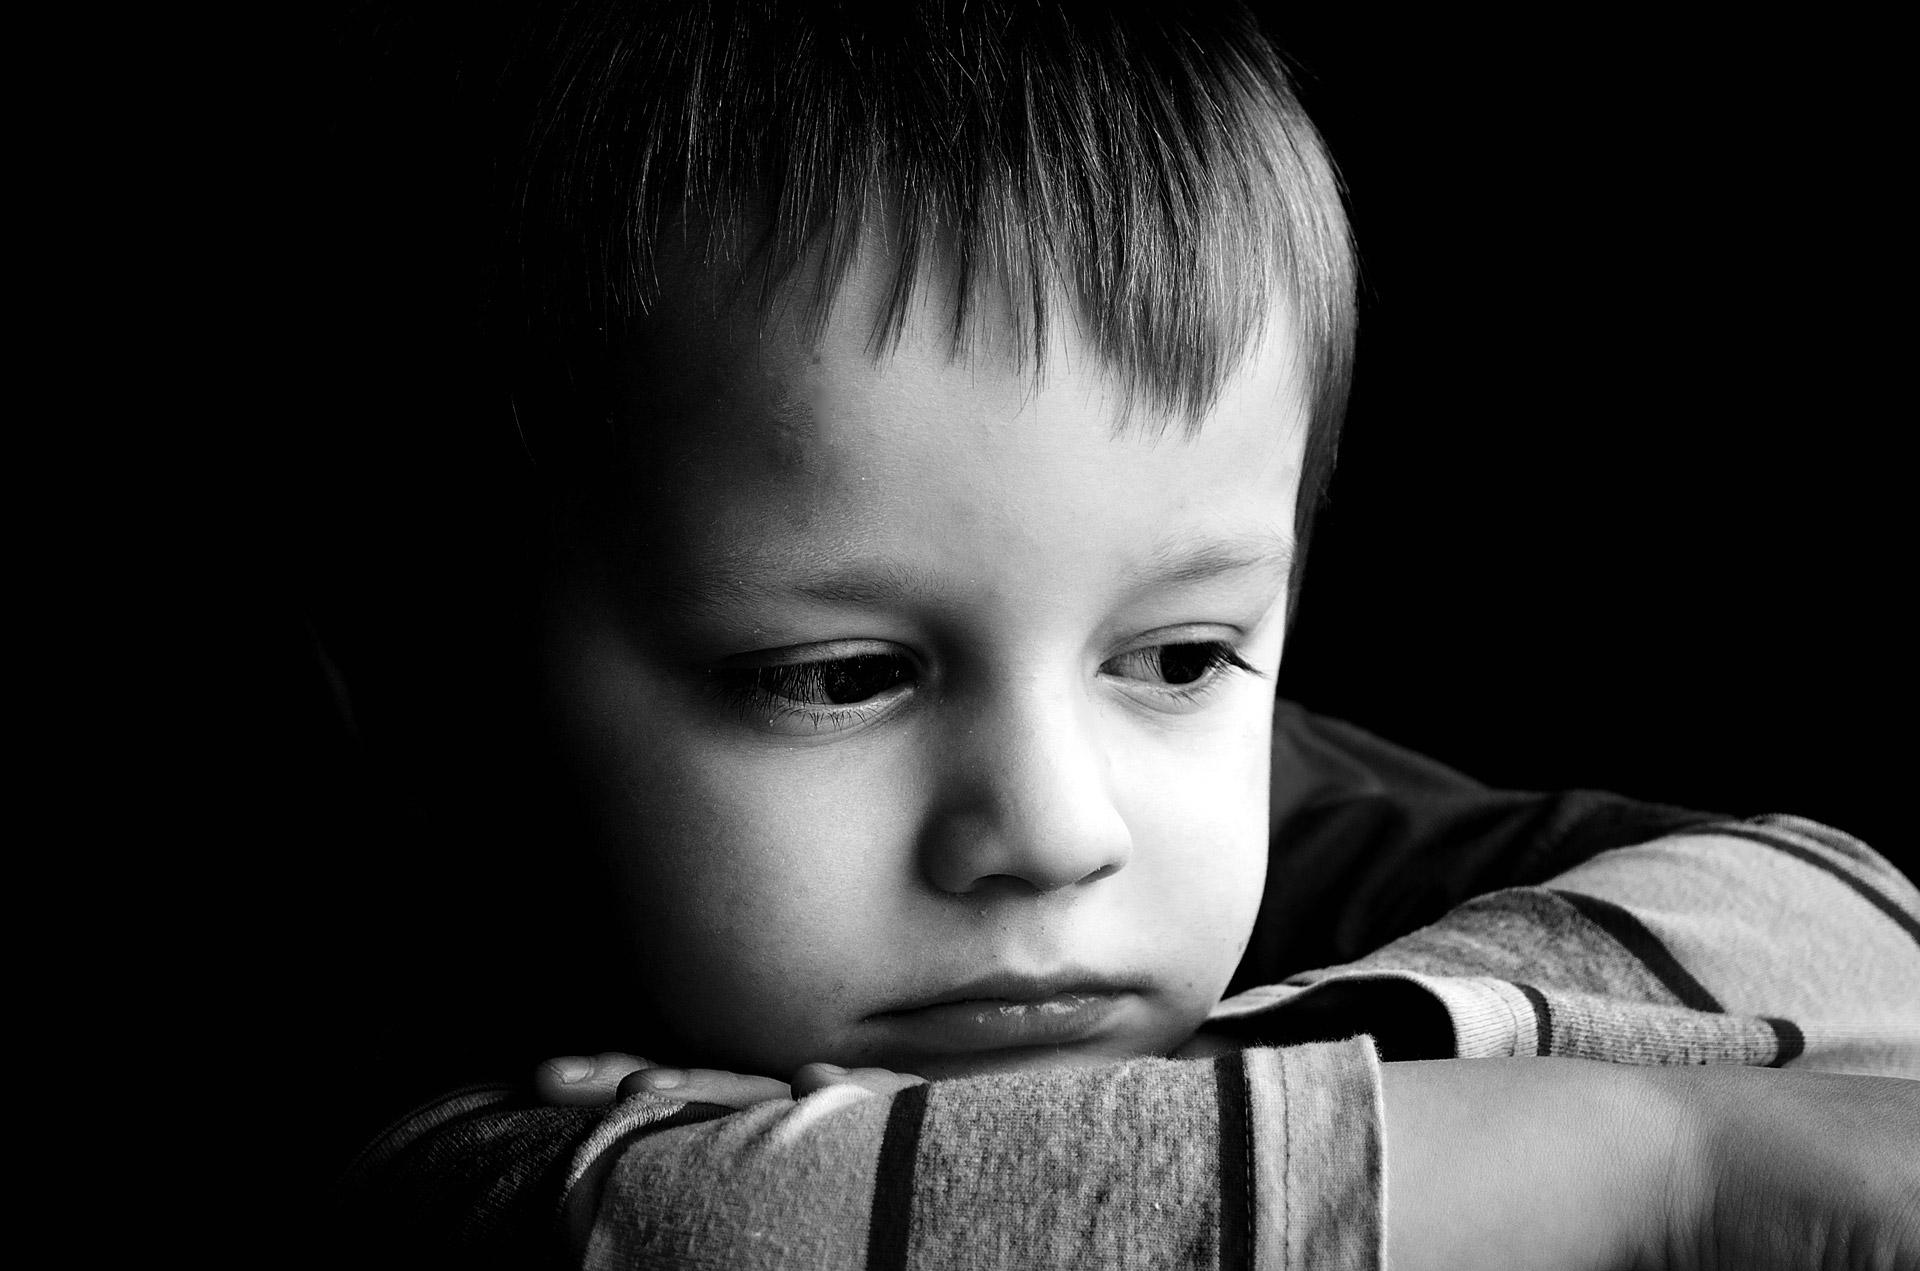 sad_child_portrait.jpg